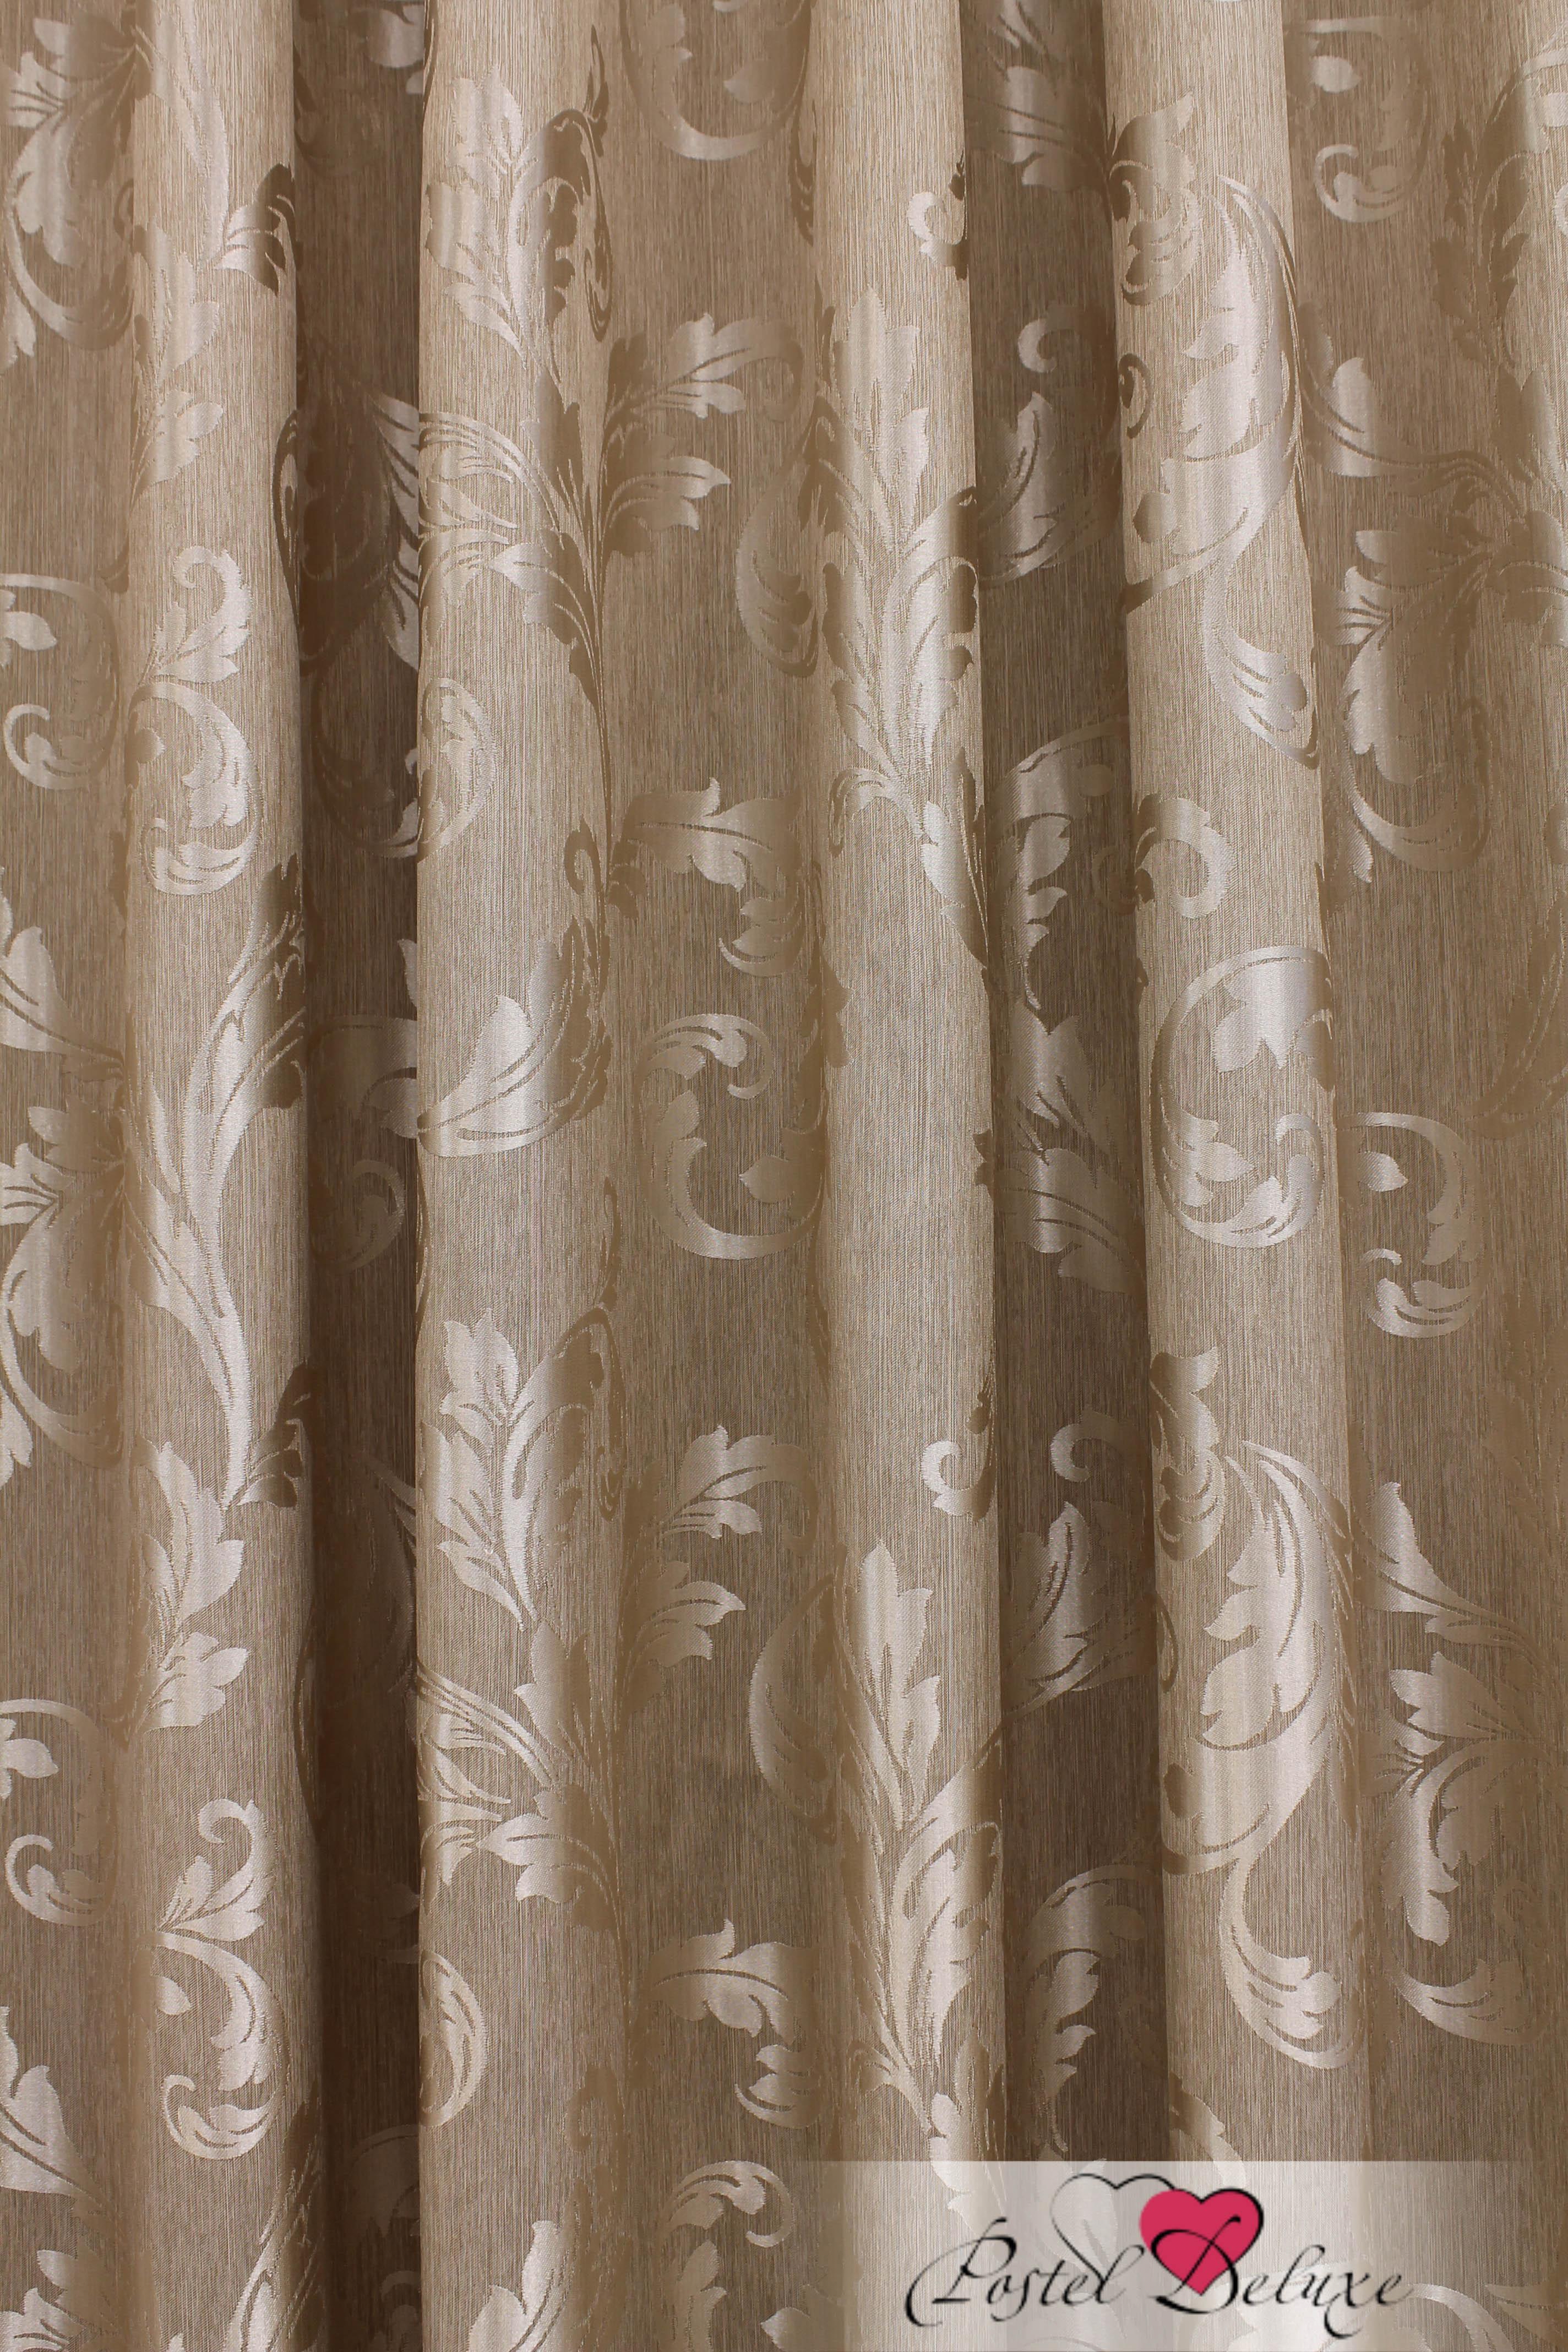 Шторы Sanpa Классические шторы Алисия Цвет: Бежевый шторы tac классические шторы winx цвет персиковый 200x265 см